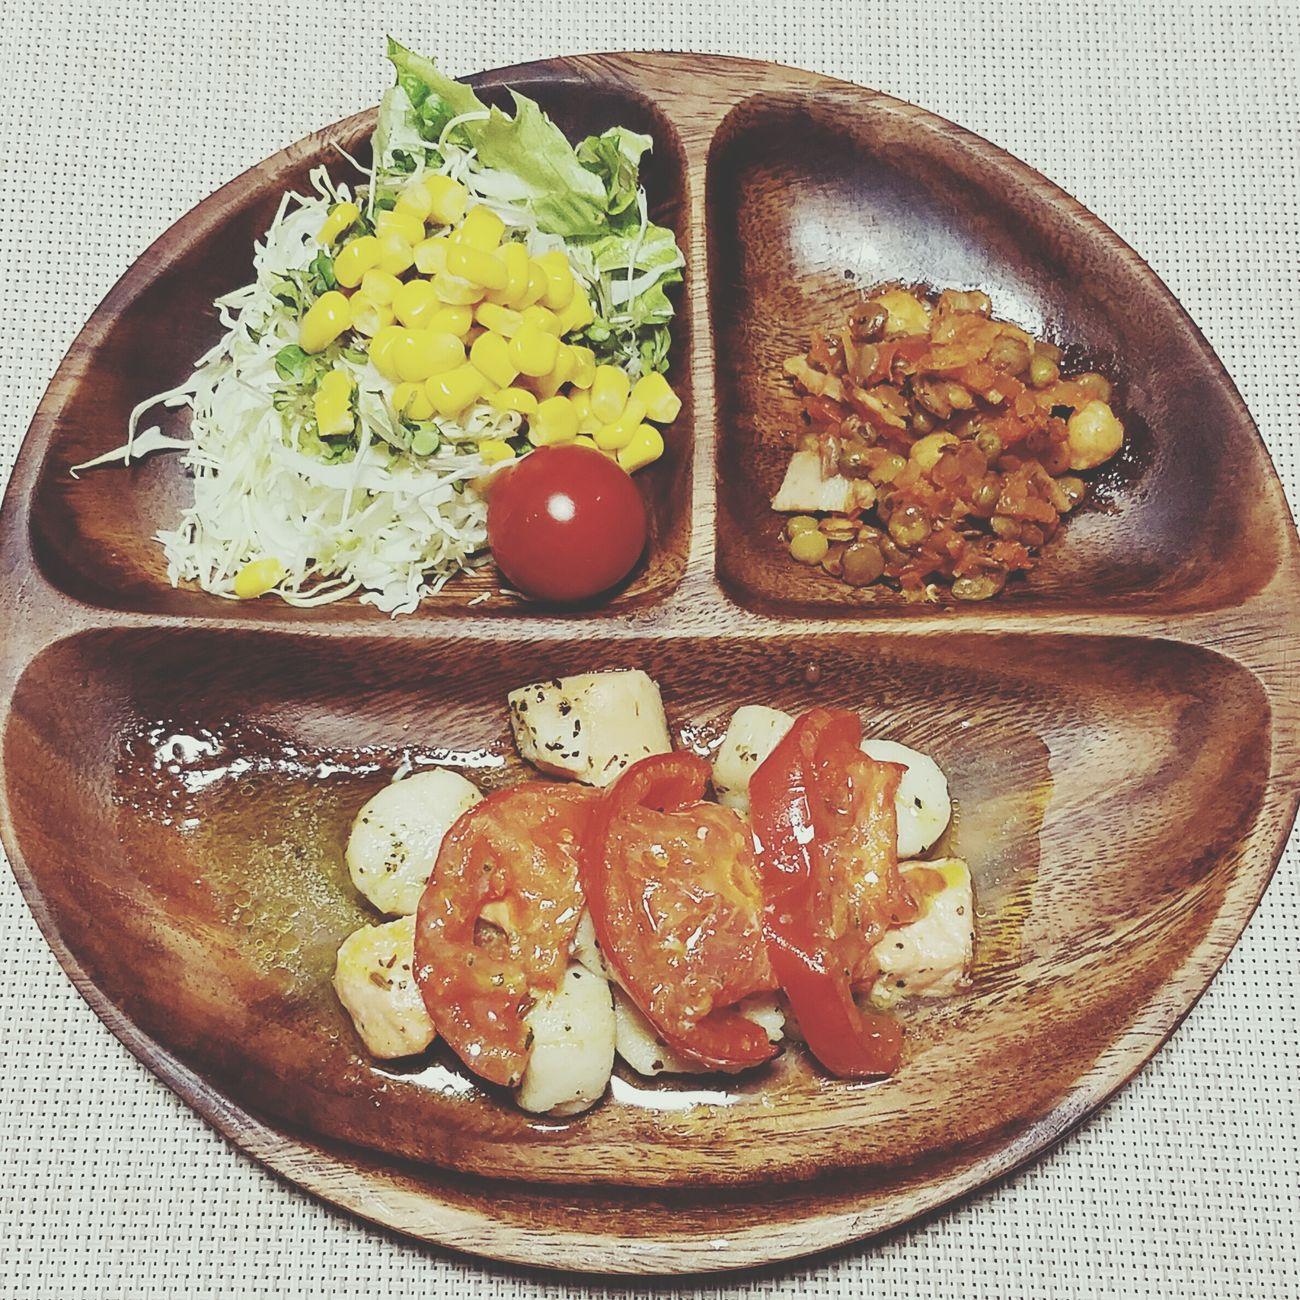 たまには海のものを🐟🐚 Food Plate Tomato Frijole Frijol Comidas Salmon Vieiras Salmon&Scallops Grilled